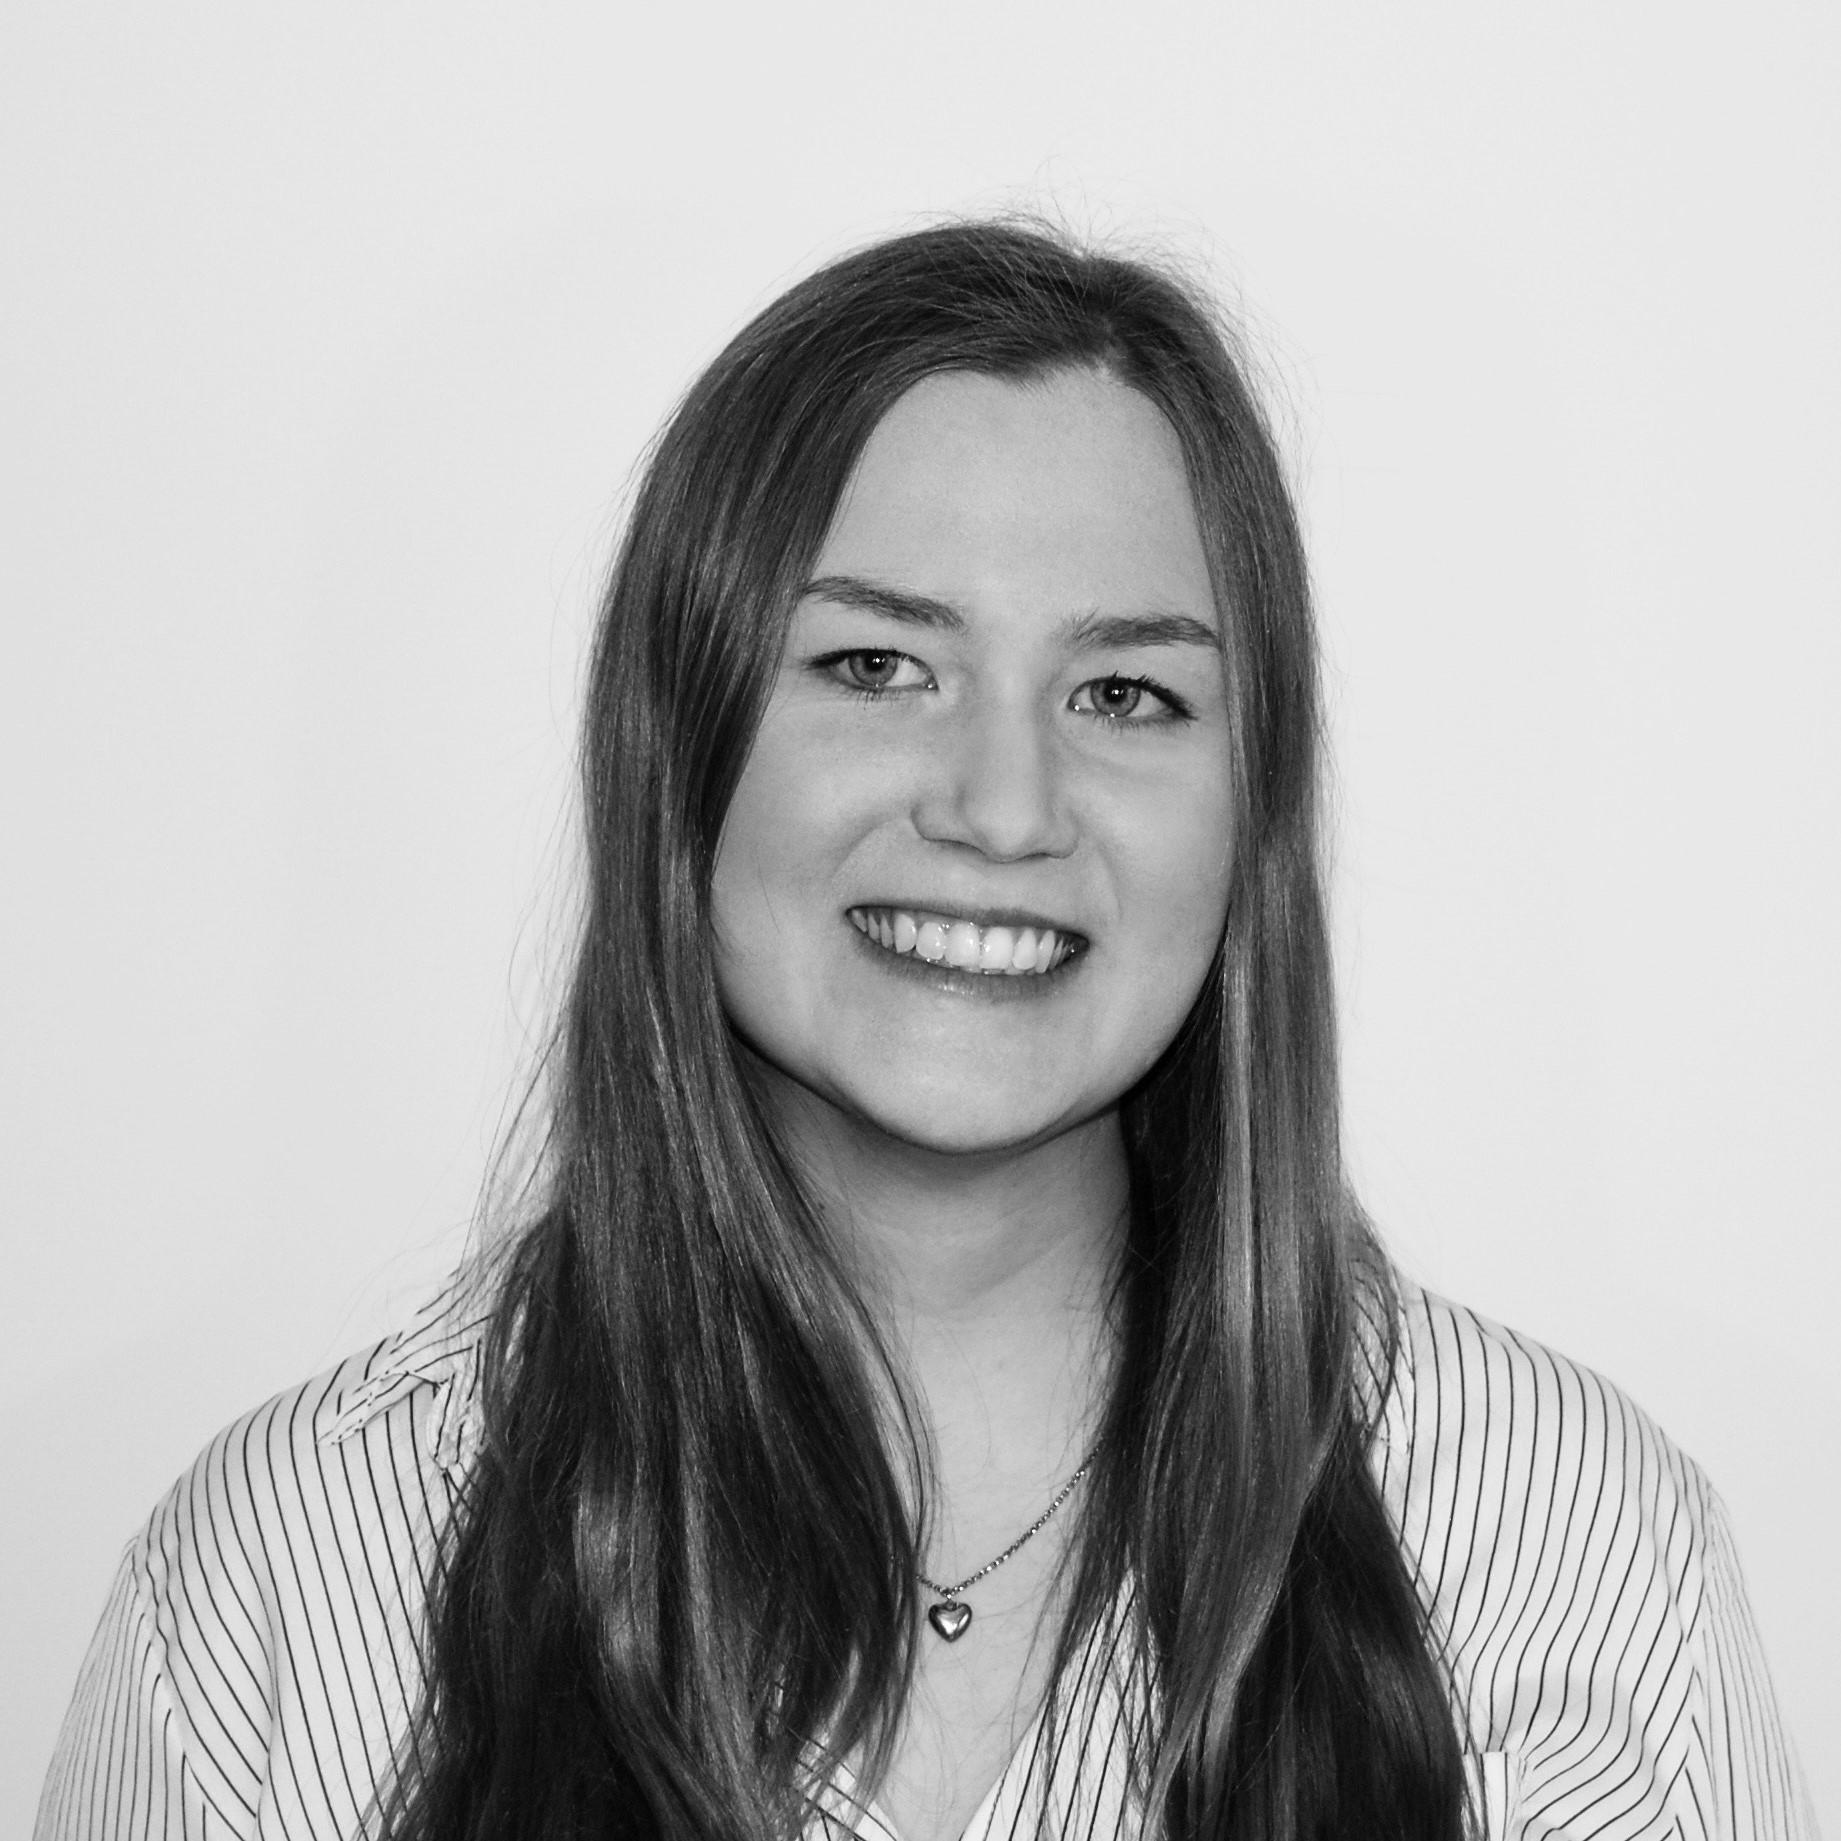 Ingrid Joelsson